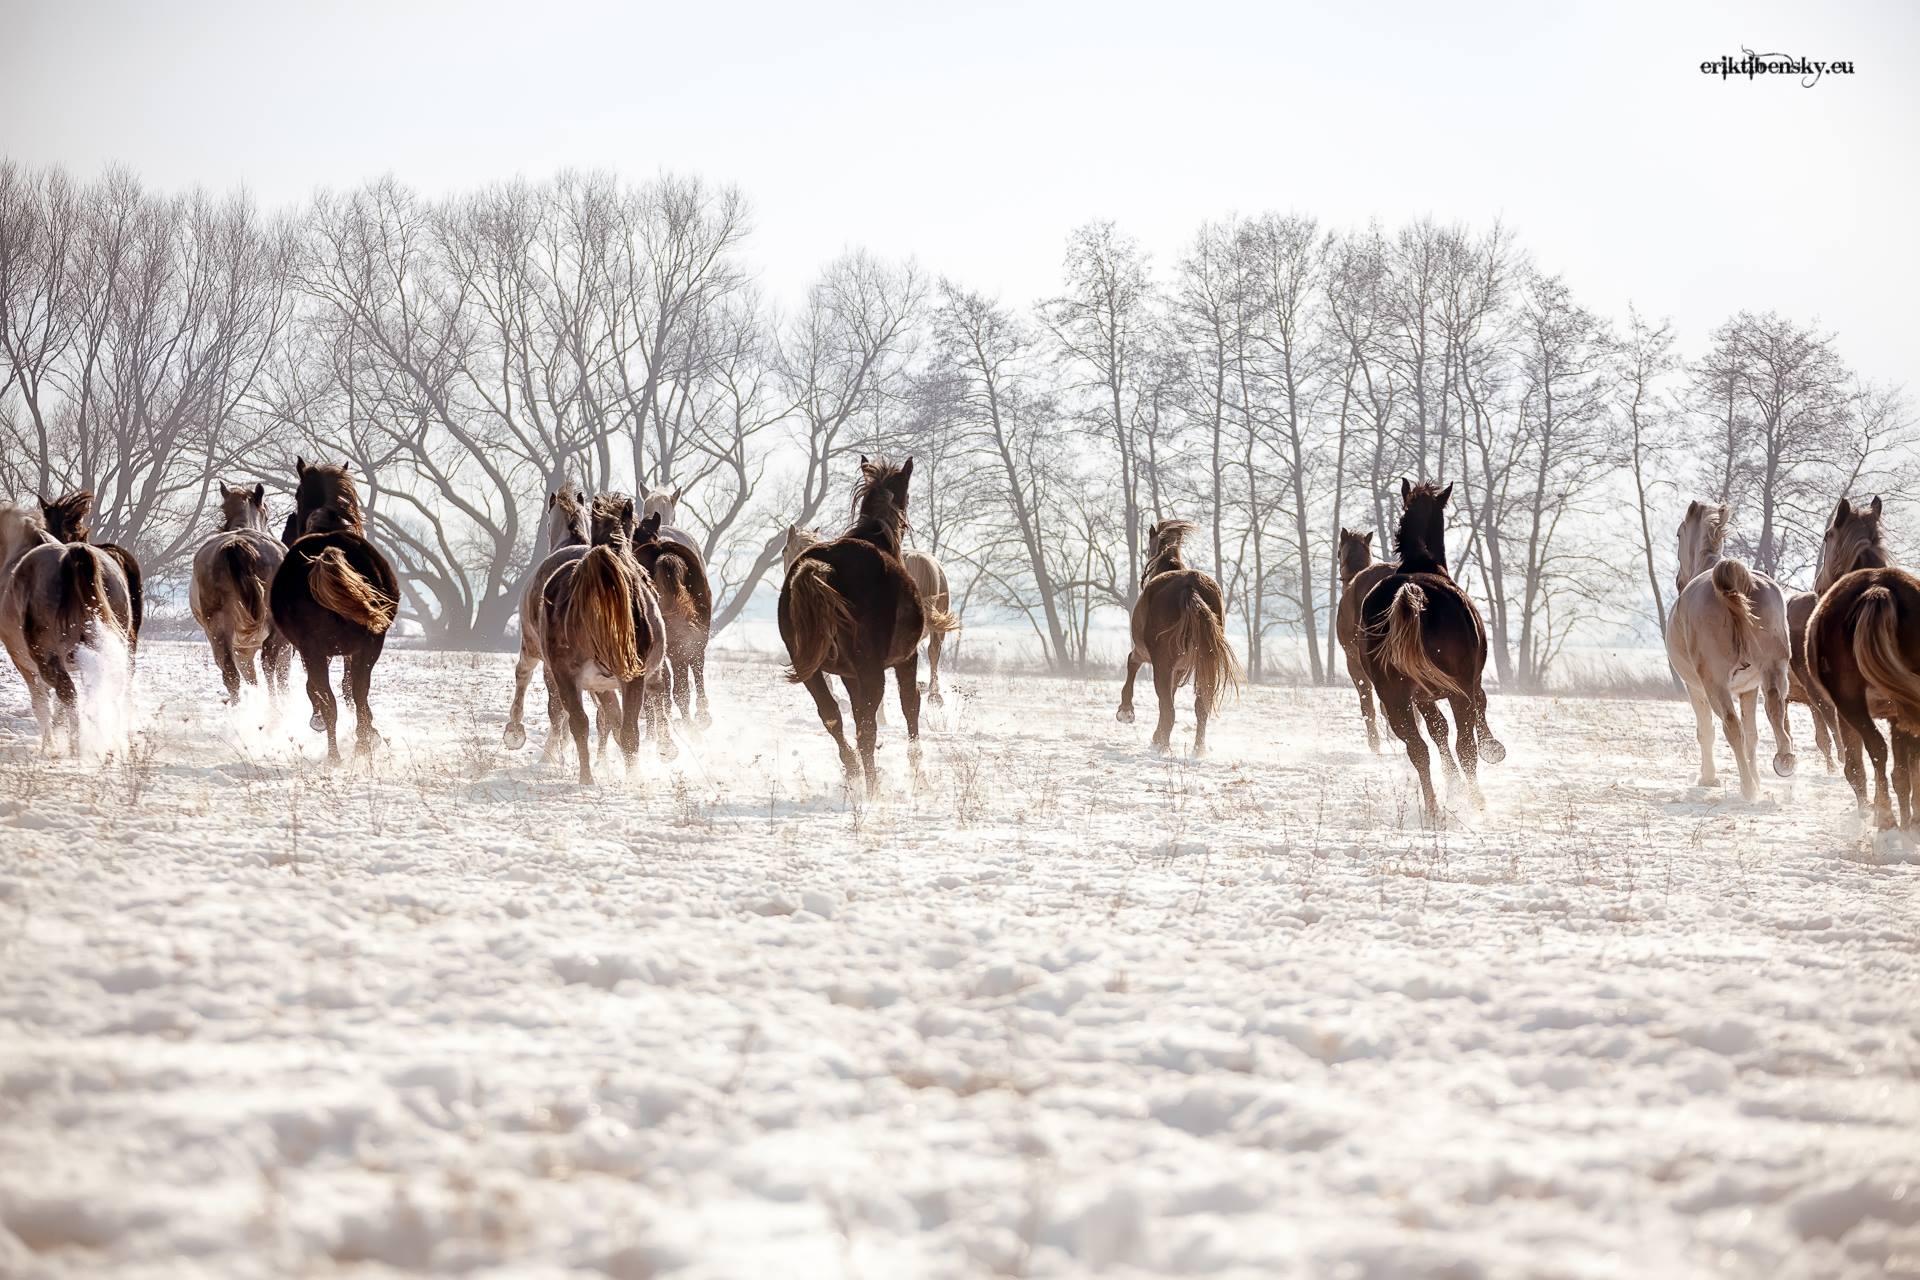 www.eriktibensky.eu-fotograf-kone-wild-horses-photography-1001